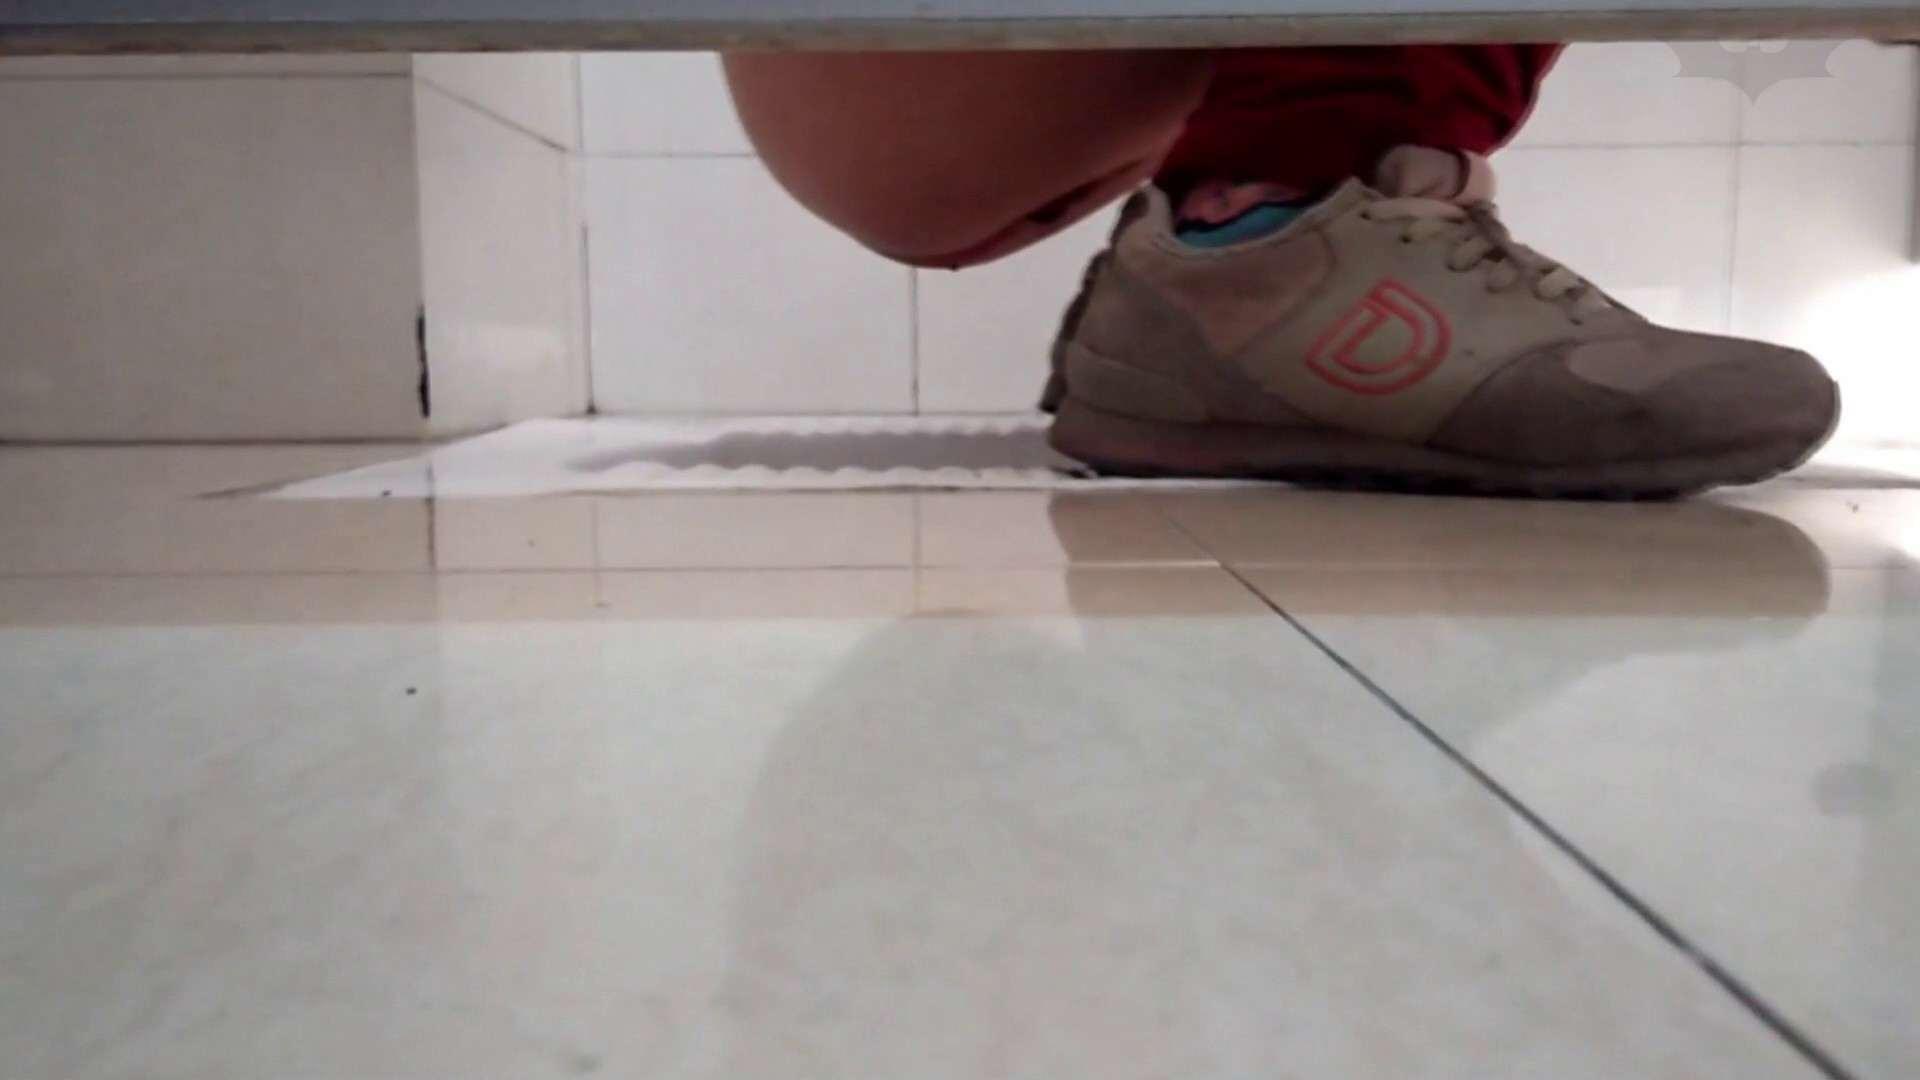 芸術大学ガチ潜入盗撮 JD盗撮 美女の洗面所の秘密 Vol.97 エッチな盗撮 セックス画像 97pic 72